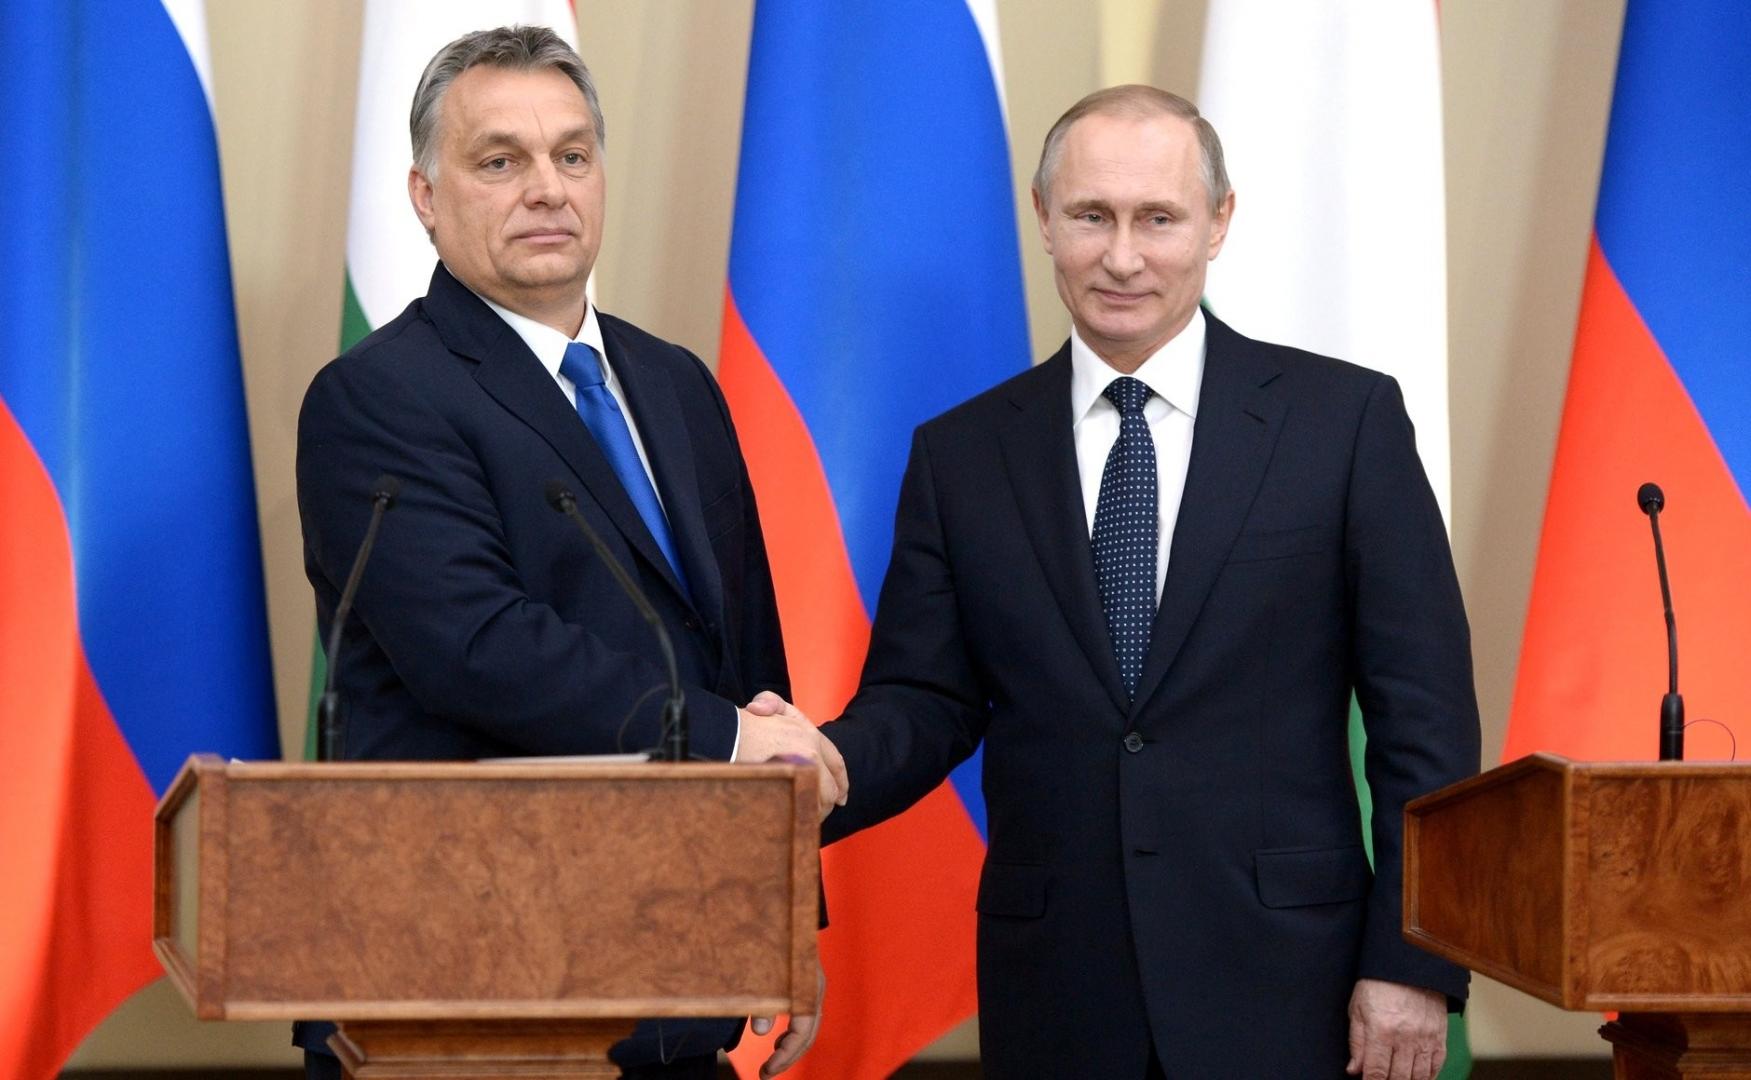 https://regnum.ru/uploads/pictures/news/2018/01/14/regnum_picture_1515932190324923_normal.jpg